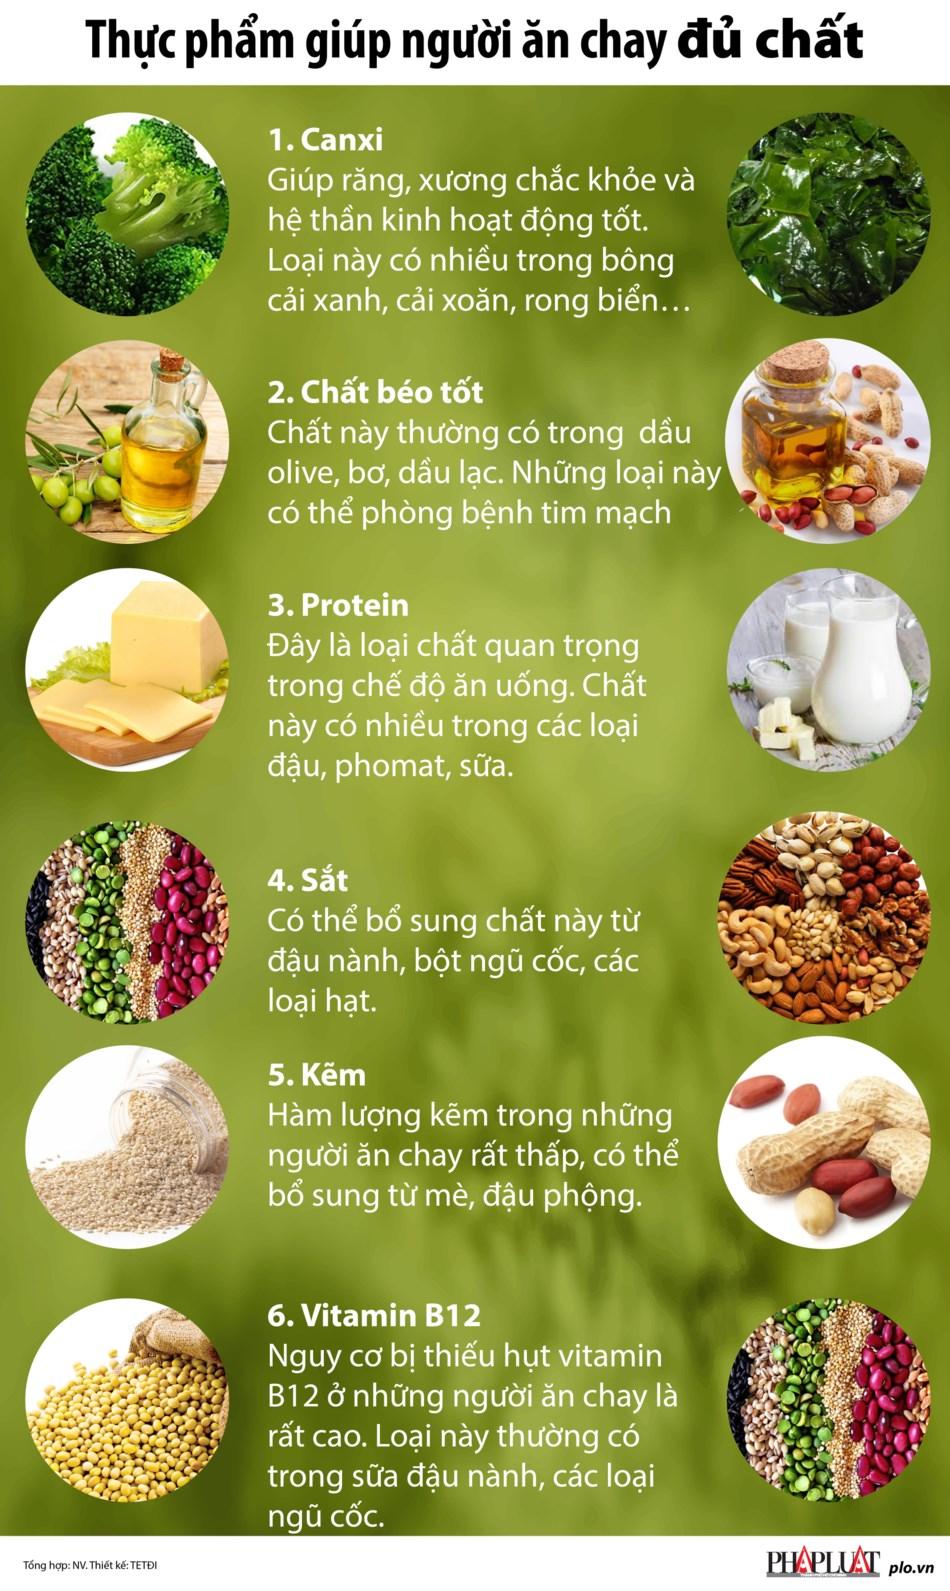 Thực phẩm giúp người ăn chay đủ chất - 1